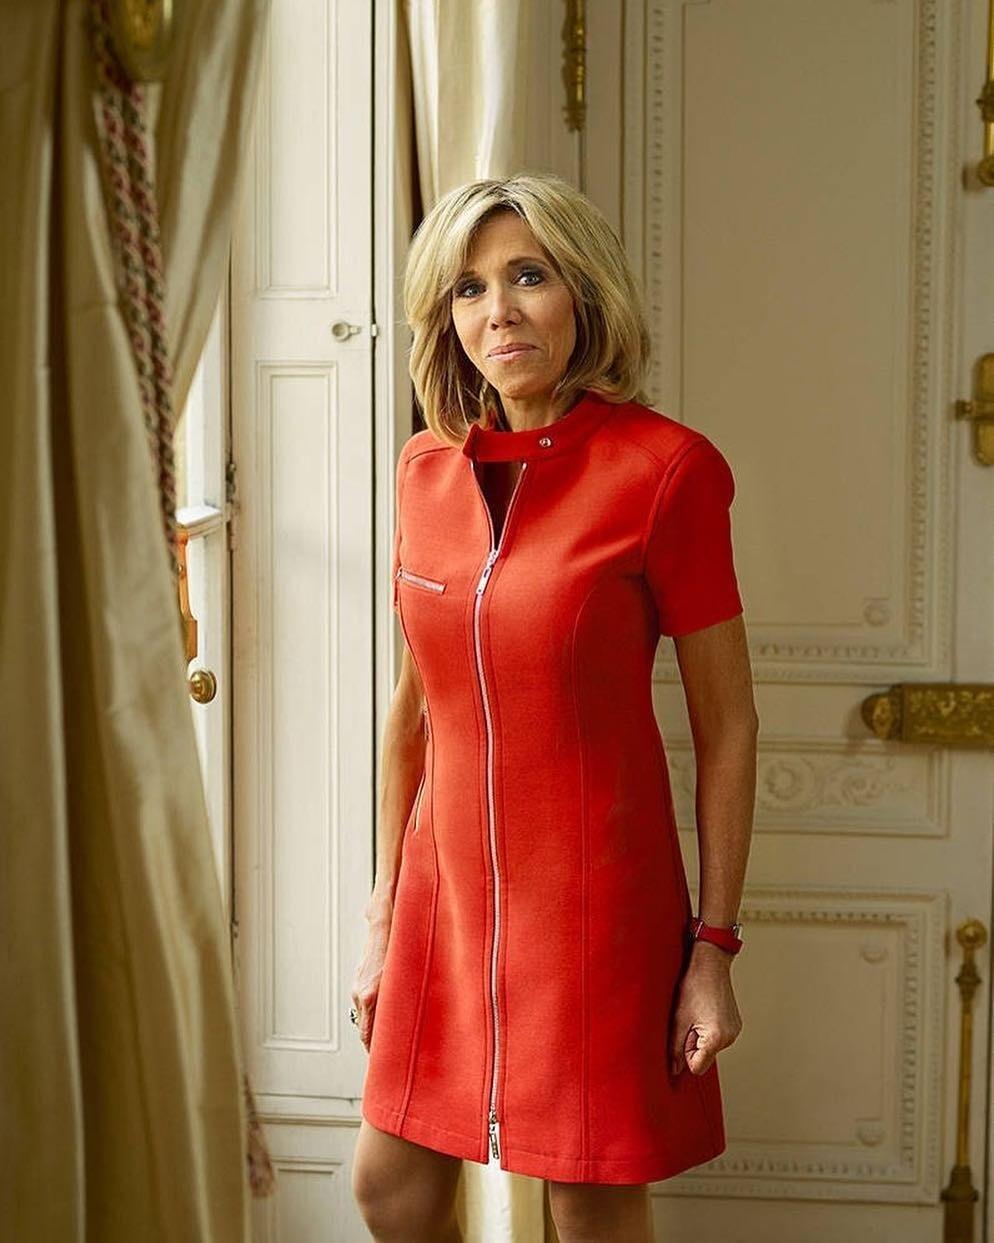 Брижит Макрон показала, как не бояться и носить красный total-look после 65 лет